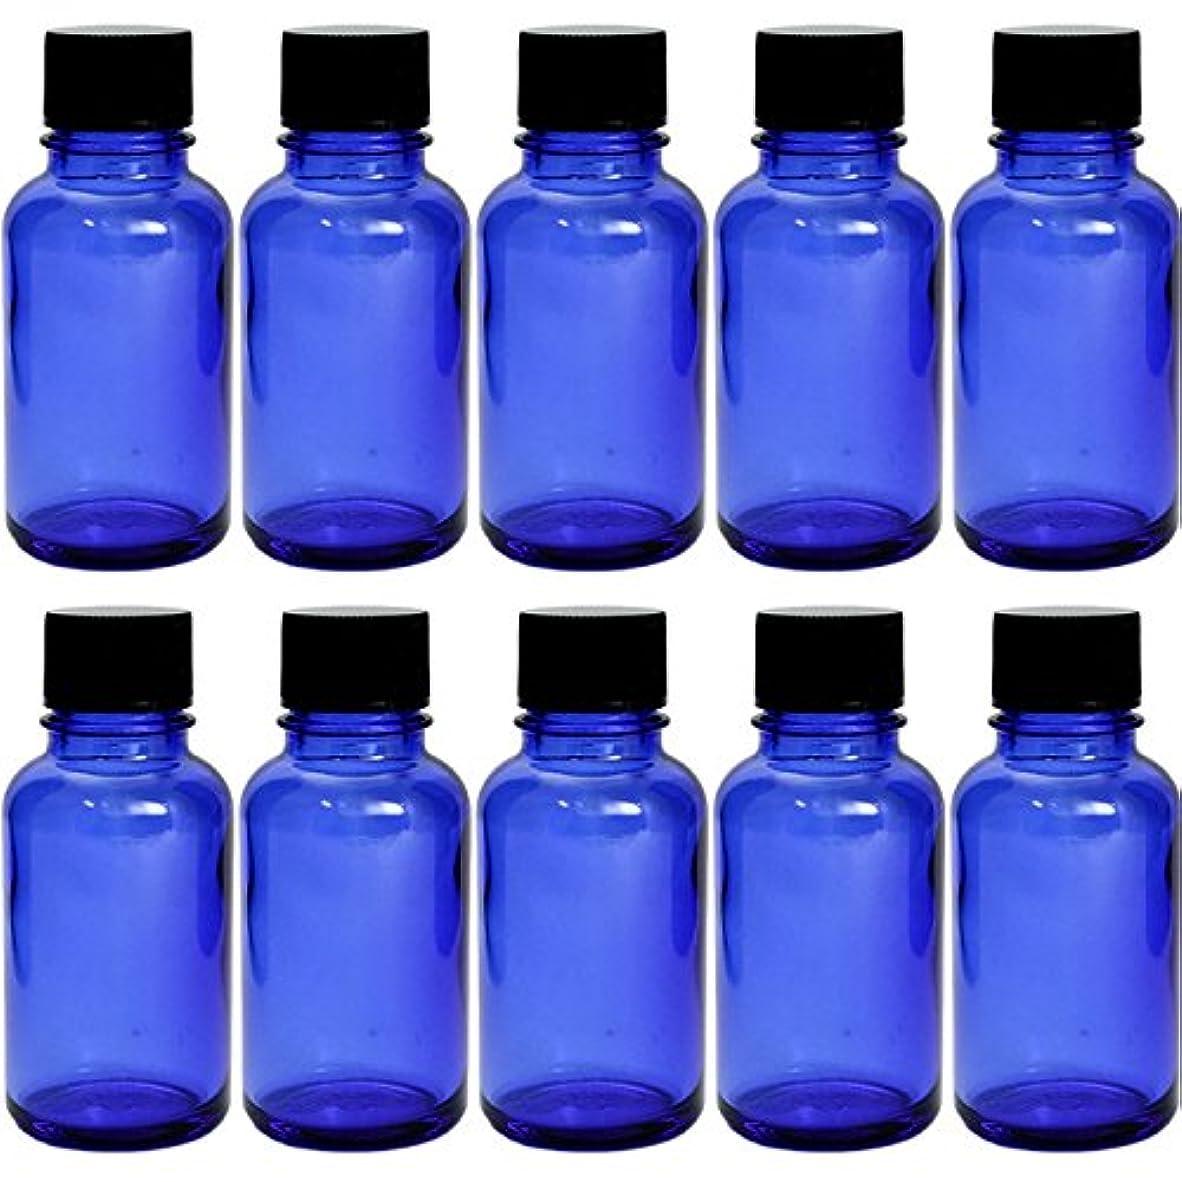 熟達かご高める遮光瓶 ブルー 30cc SYA-B30cc -10本セット- (黒CAP 穴なし中栓付)